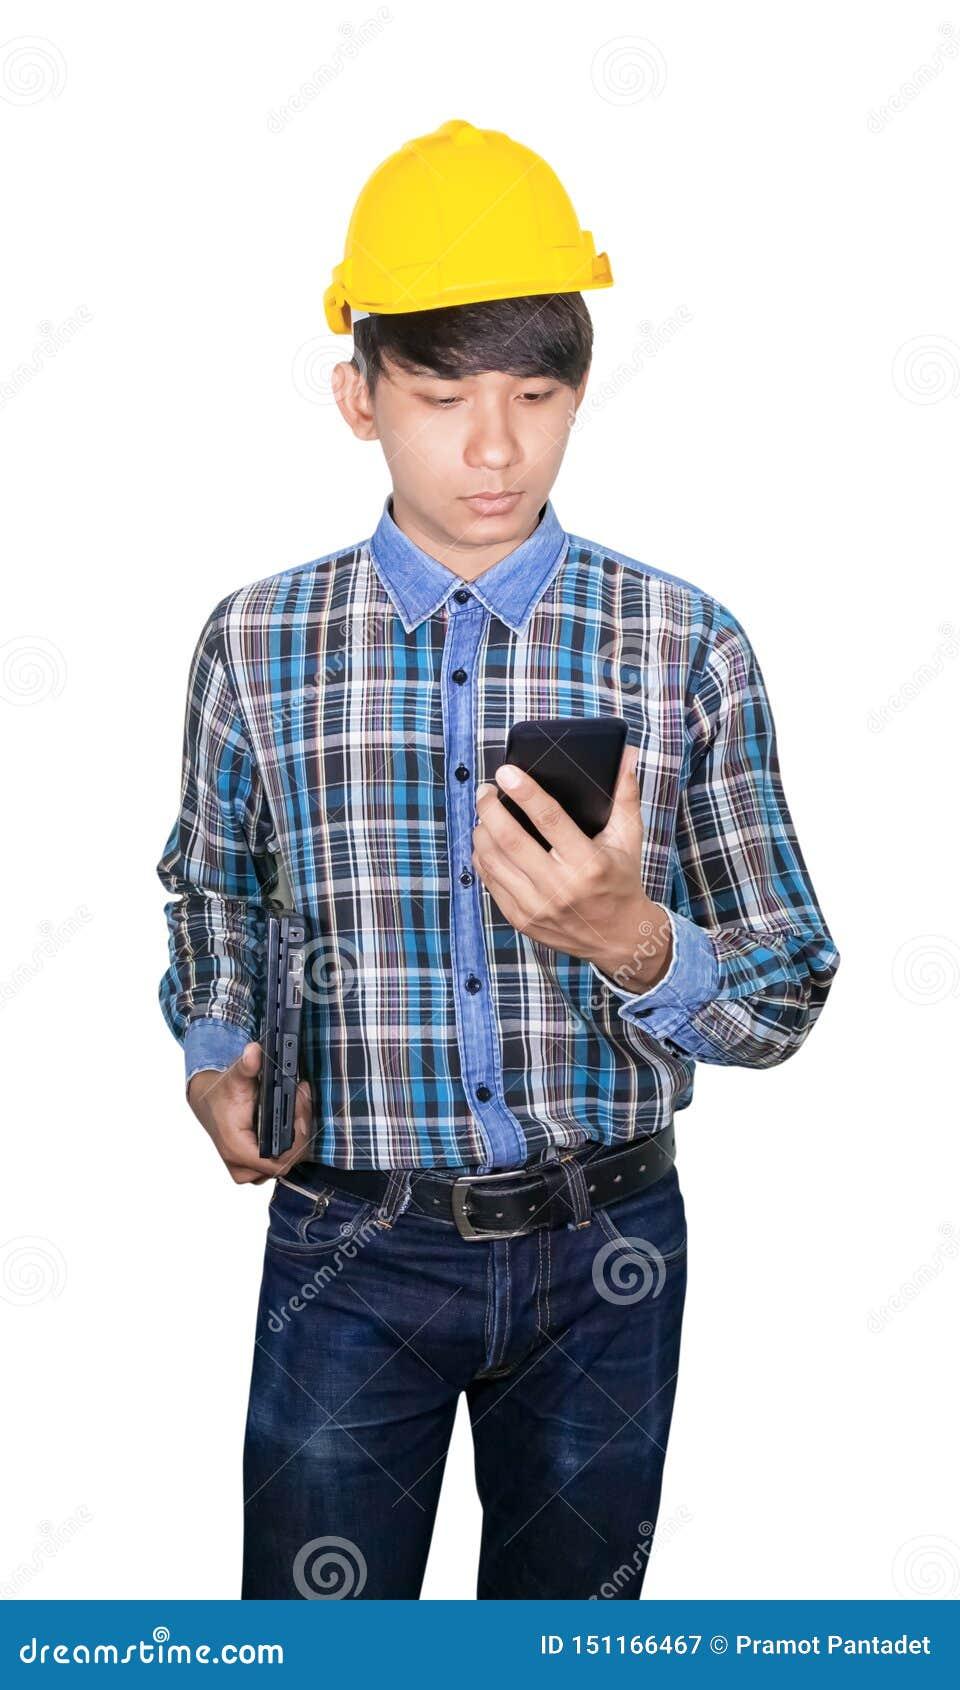 Comando do coordenador do homem de negócios com rede do telefone celular 5g, Internet móvel de alta velocidade e laptop da posse